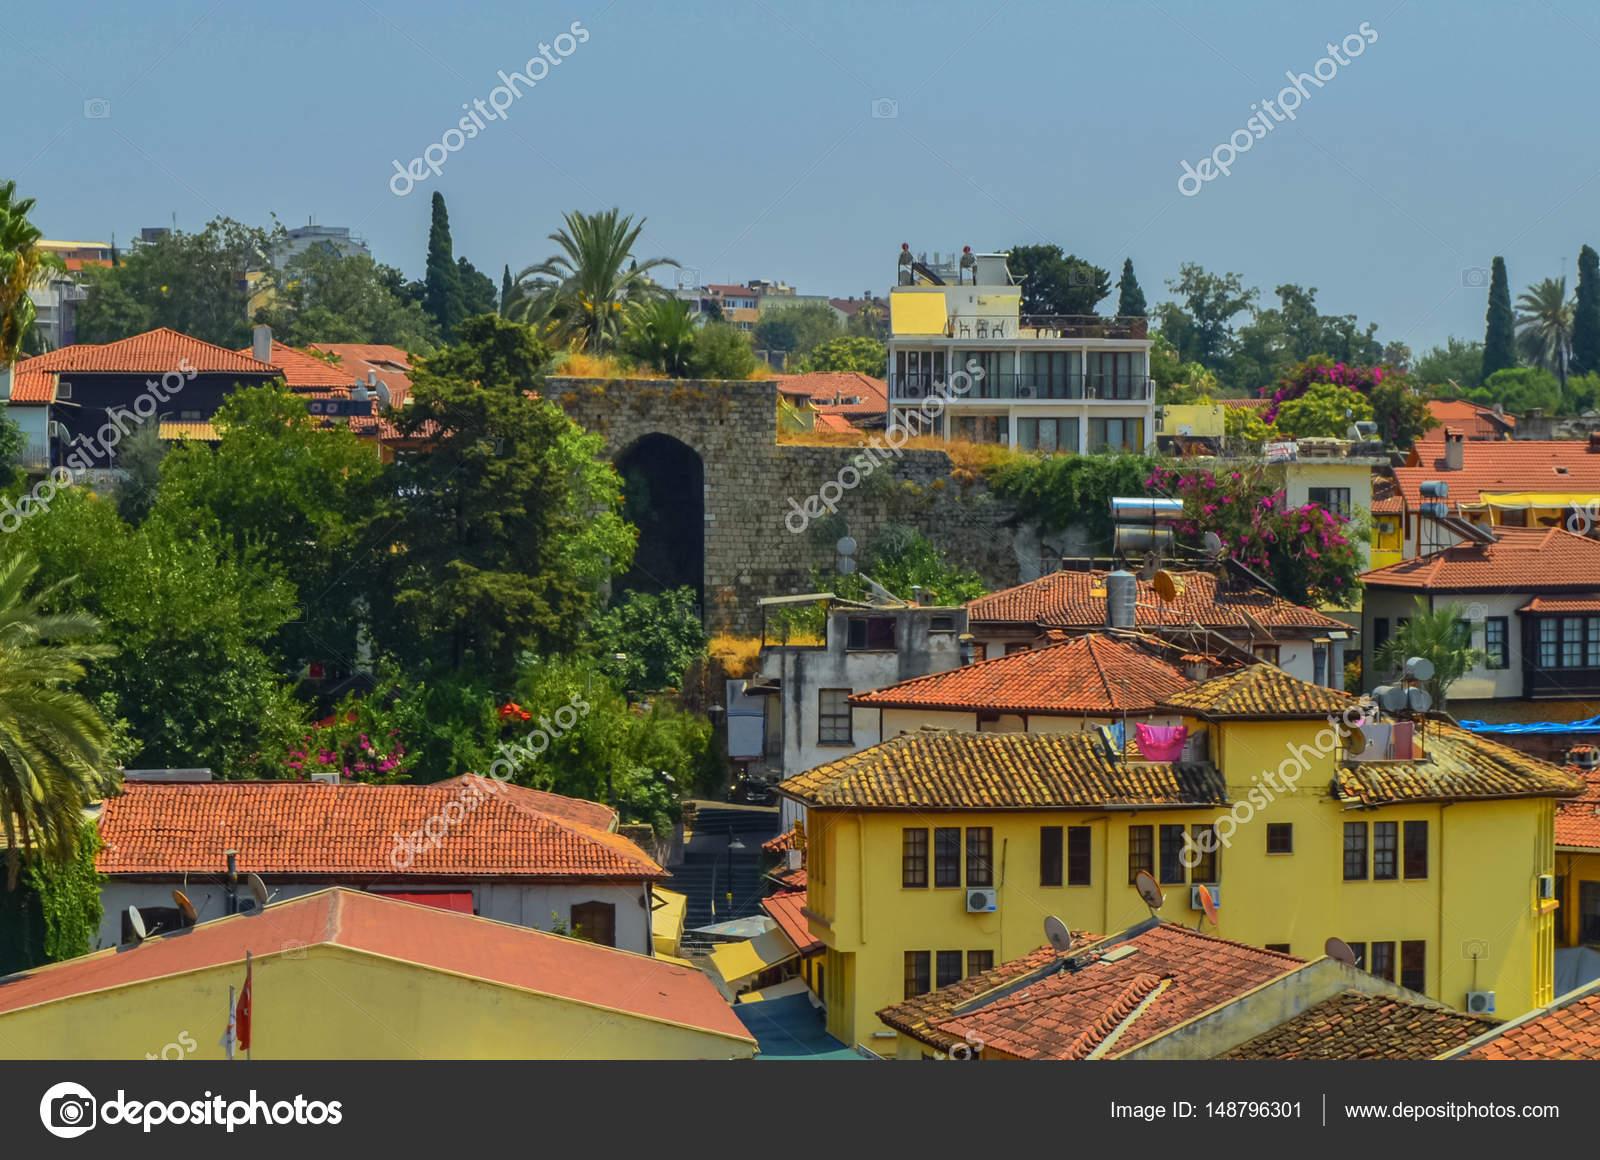 Daken van de oude huizen van de stad gemaakt van rode tegels in de